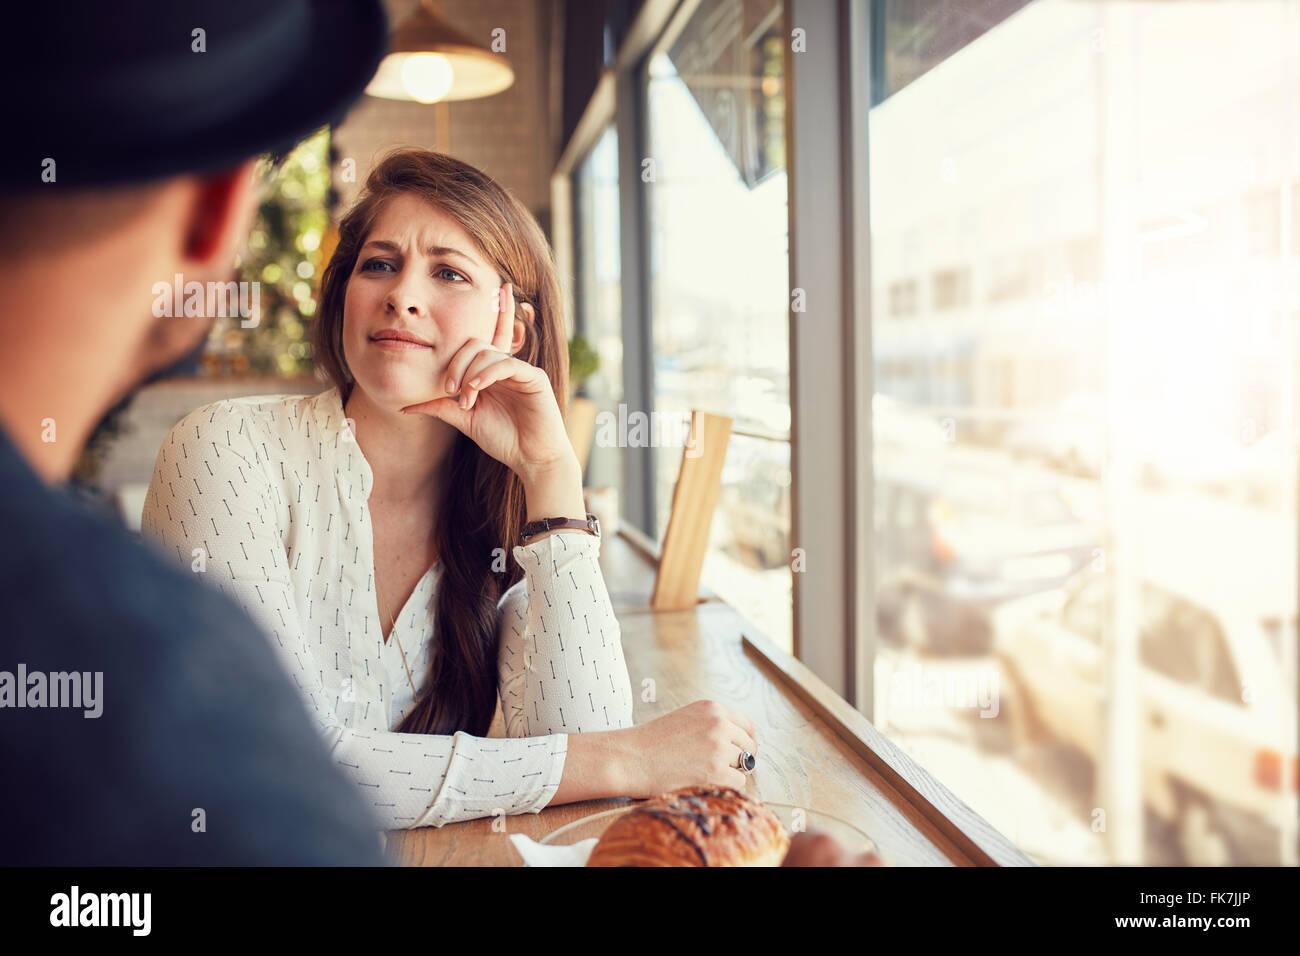 Hermosa joven sentado en un café y mirando a su novio. Pareja joven en la cafetería. Imagen De Stock